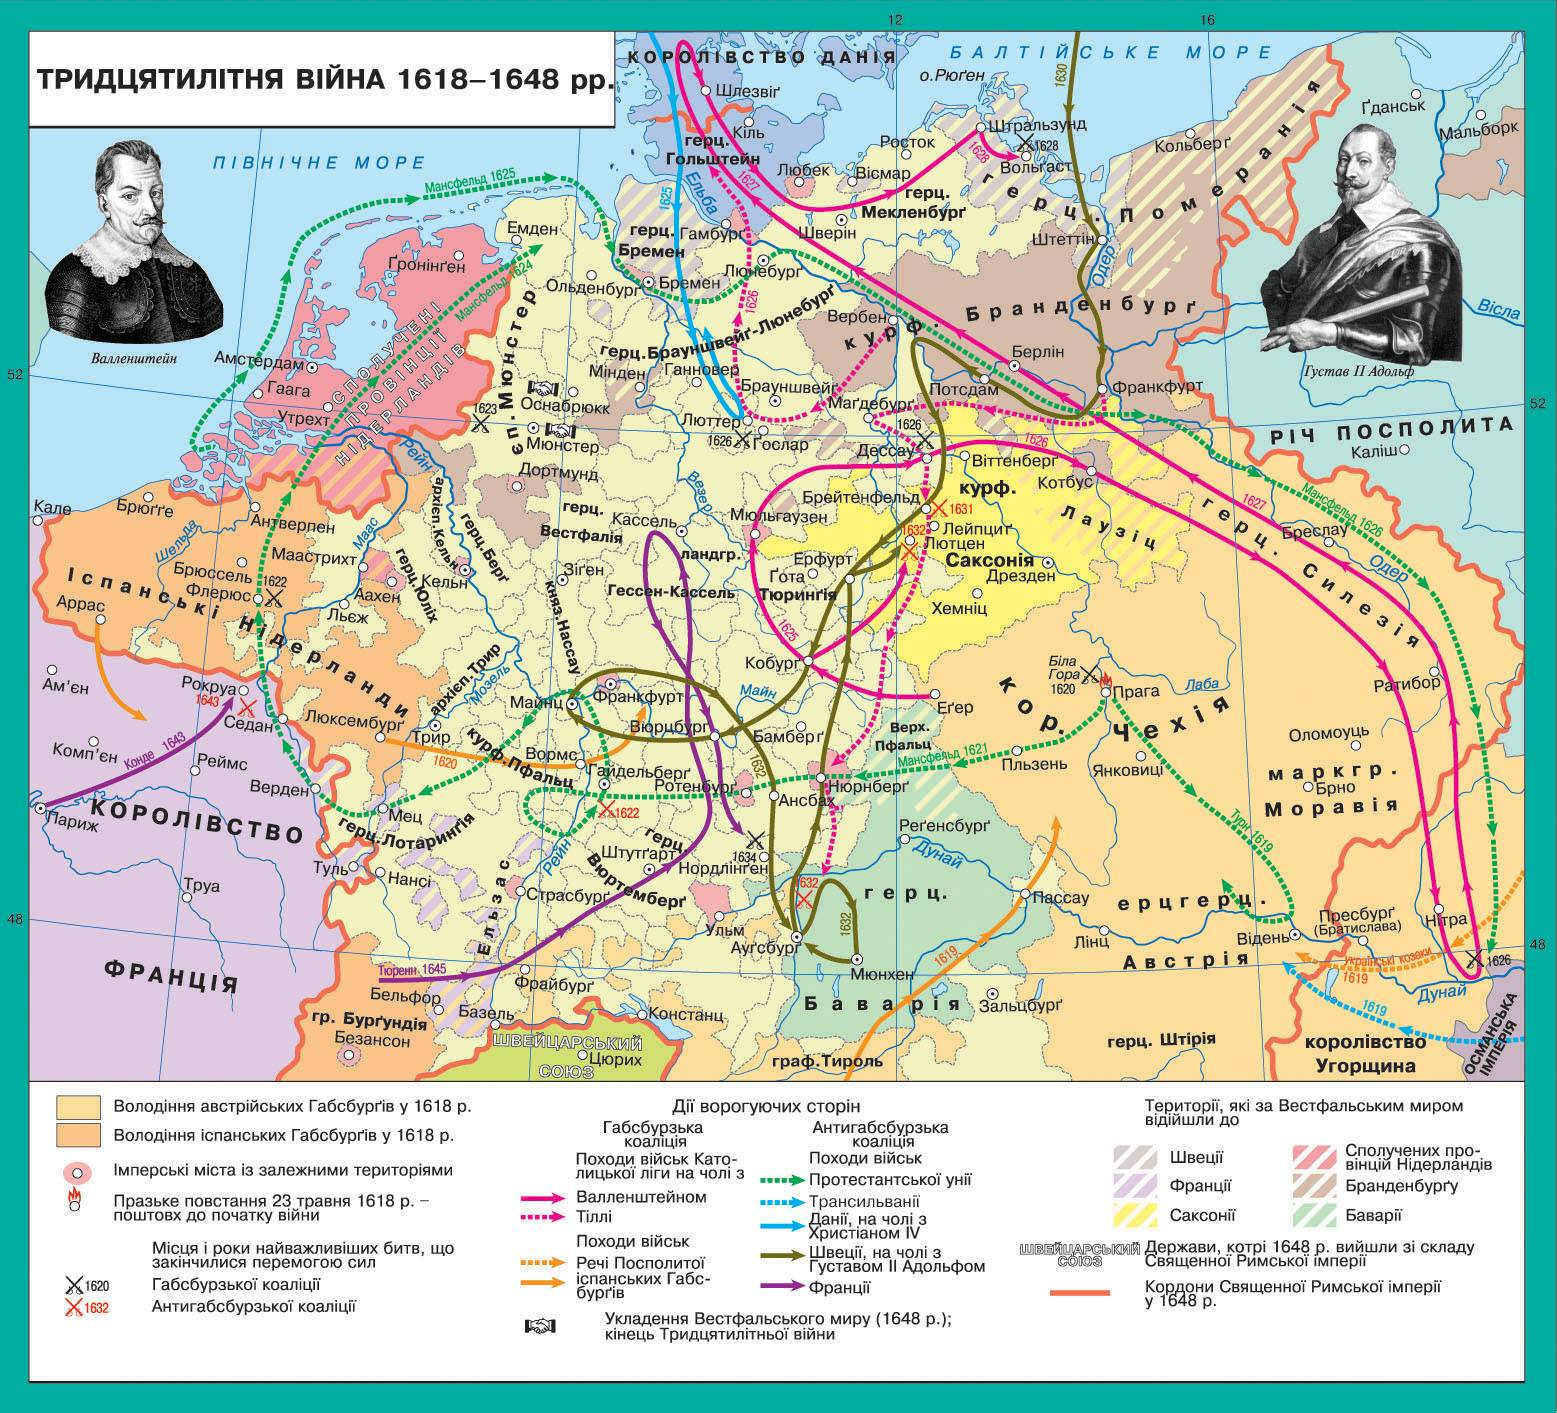 карта тридцатилетней войны. Участники и основные этапы войны.